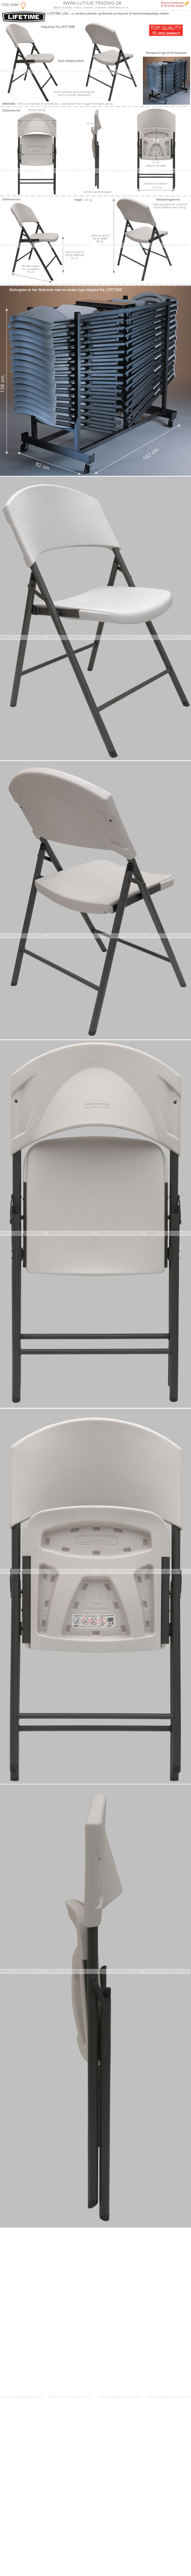 Klapstol fra Lifetime. Disse klapstole er meget solide og der er 10 års garanti på dem. Vi giver gerne et godt tilbud på denne klapstol.